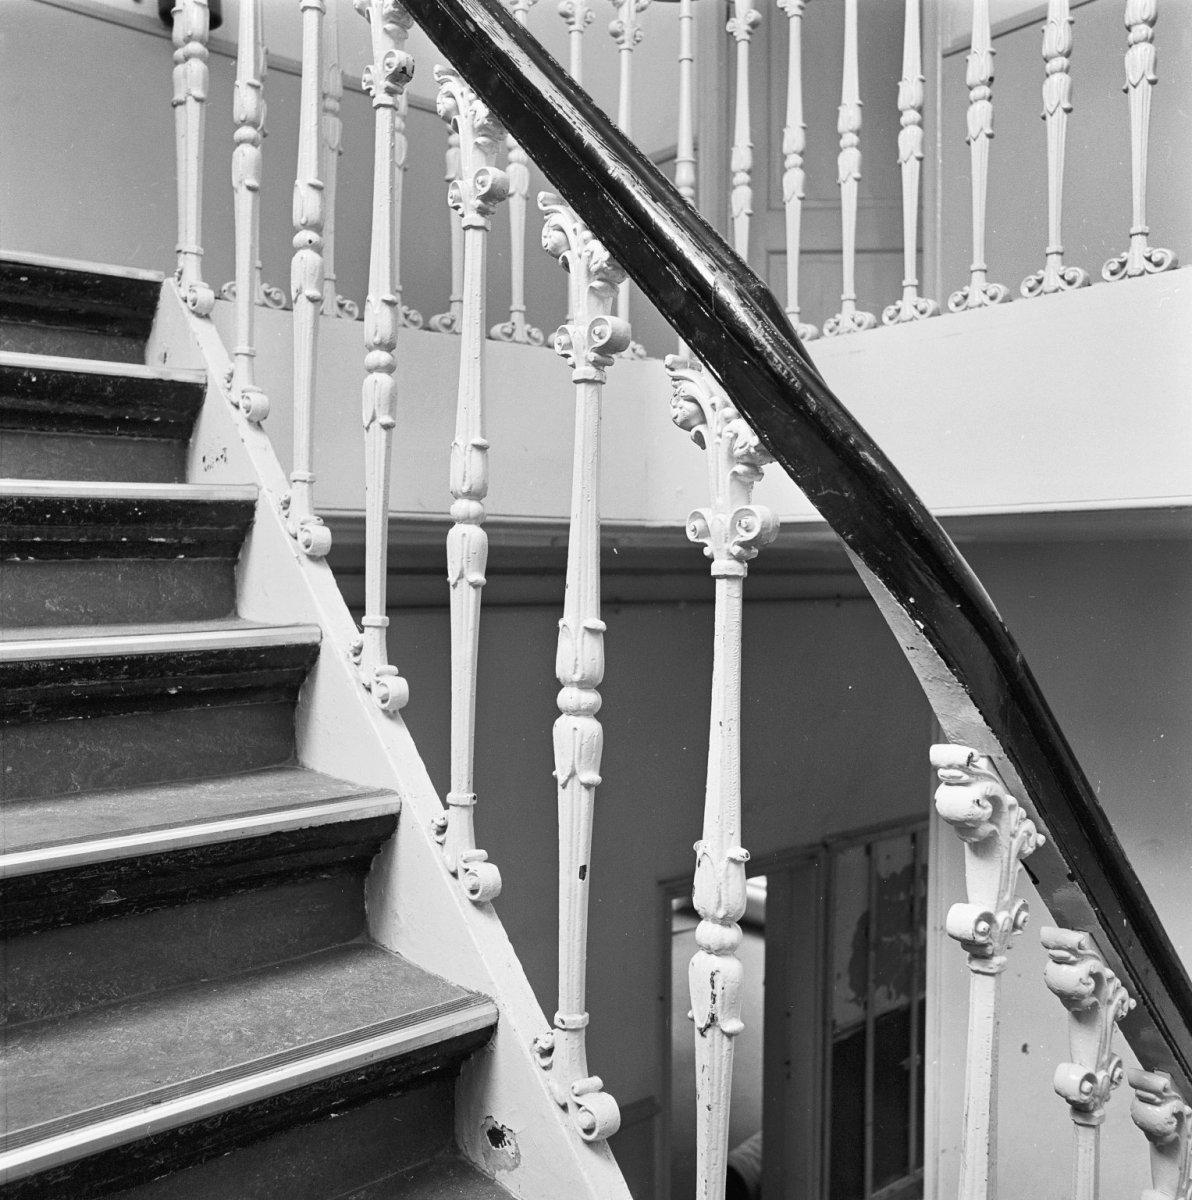 File interieur detail van de trap met leuning op gietijzeren spijlen brielle 20043118 rce - Model interieur trap ...